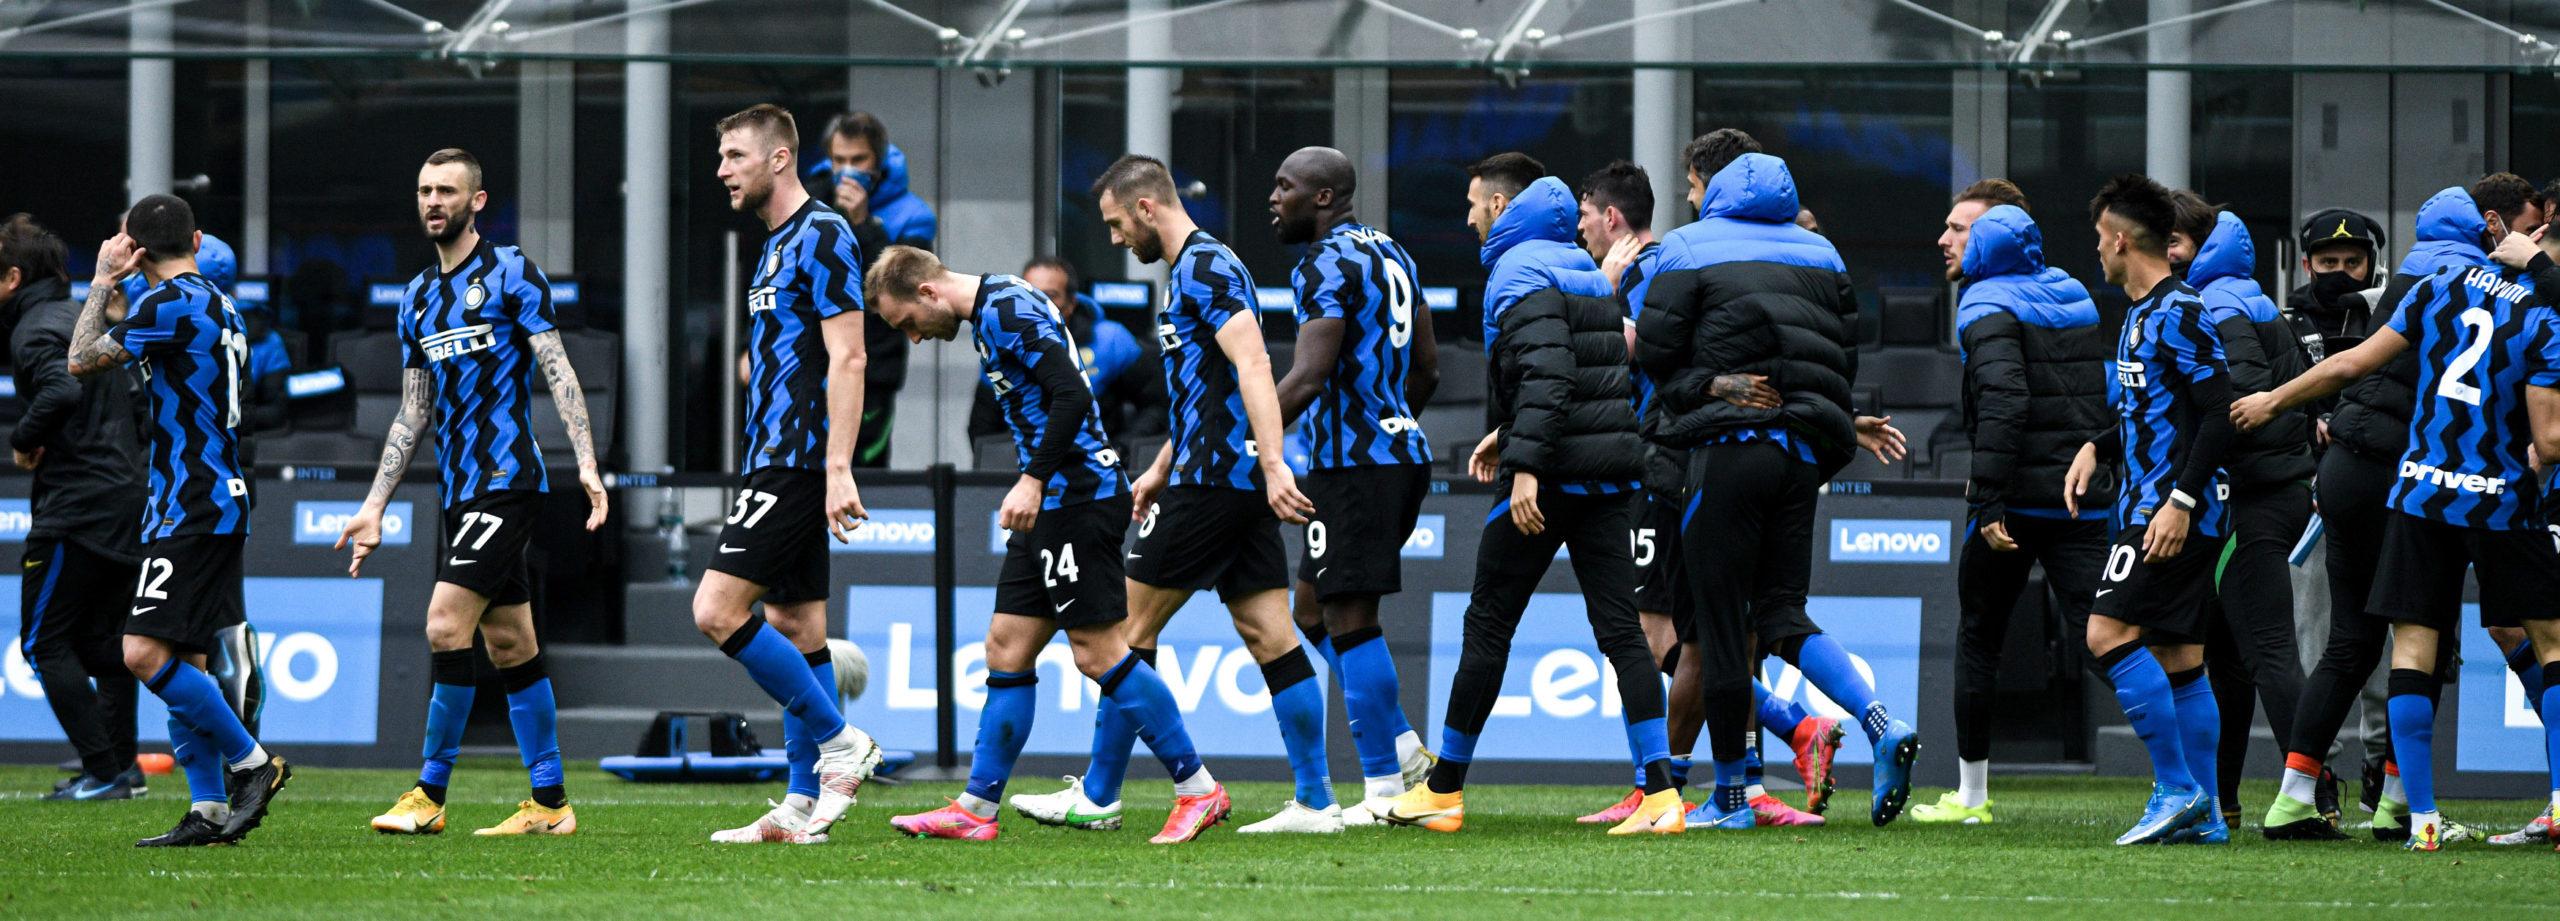 Dimanche soir, les fans de football italien auront les yeux rivés sur le duel au sommet entre Naples et l'Inter - Parie sur betFIRST.